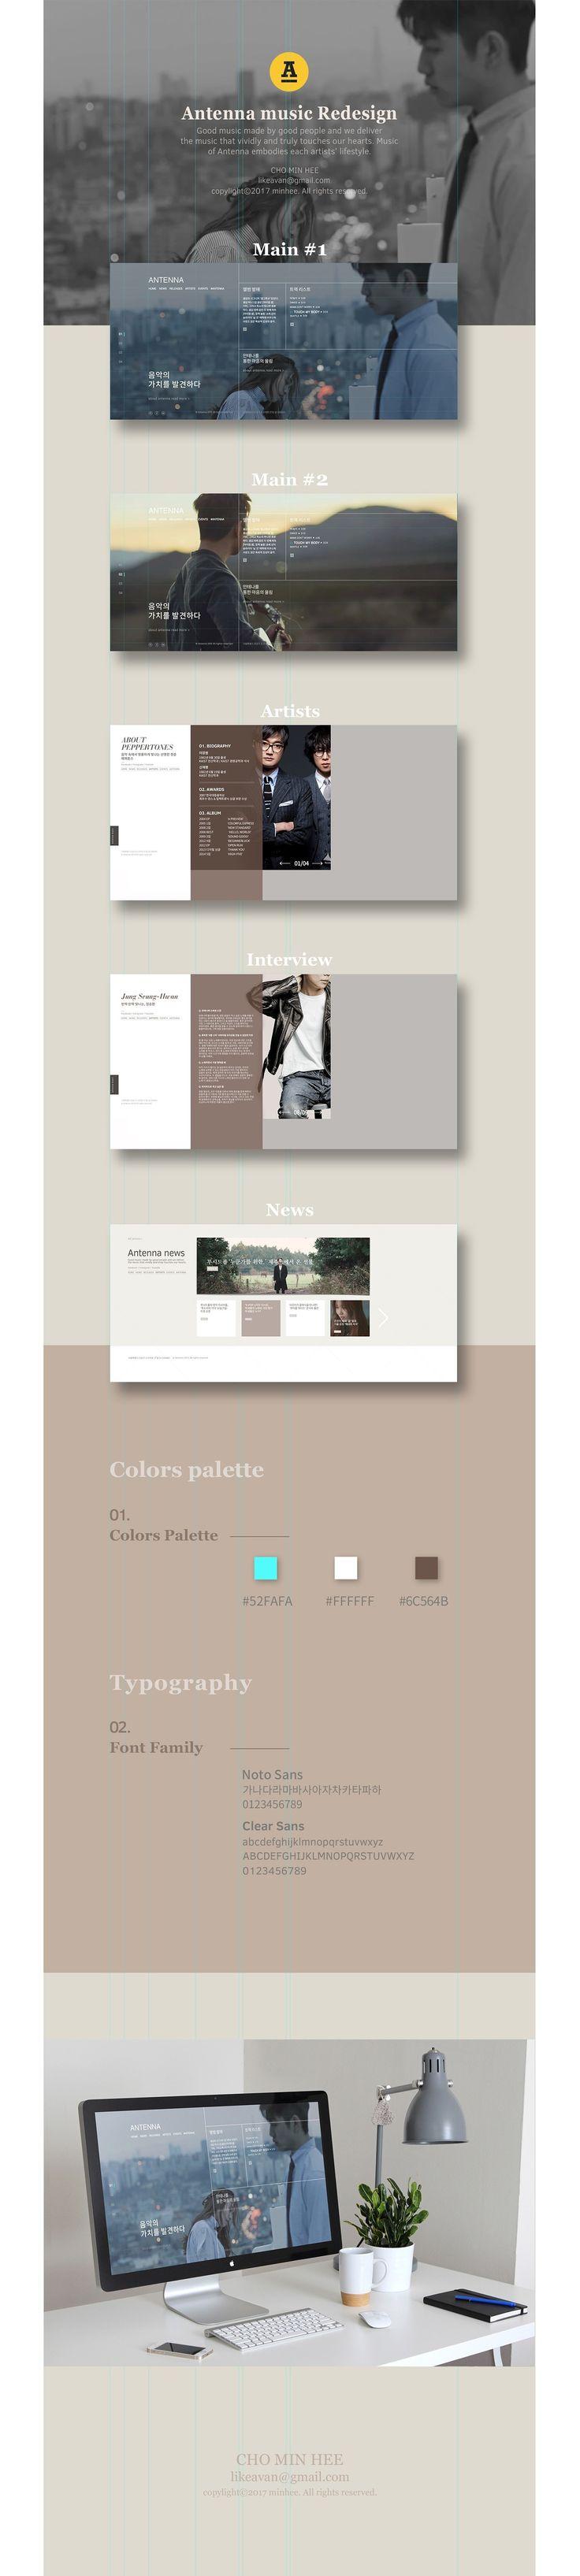 욱스웹디자인아카데미-Antenna music pc version redesign - Design by - Cho-min on Behance